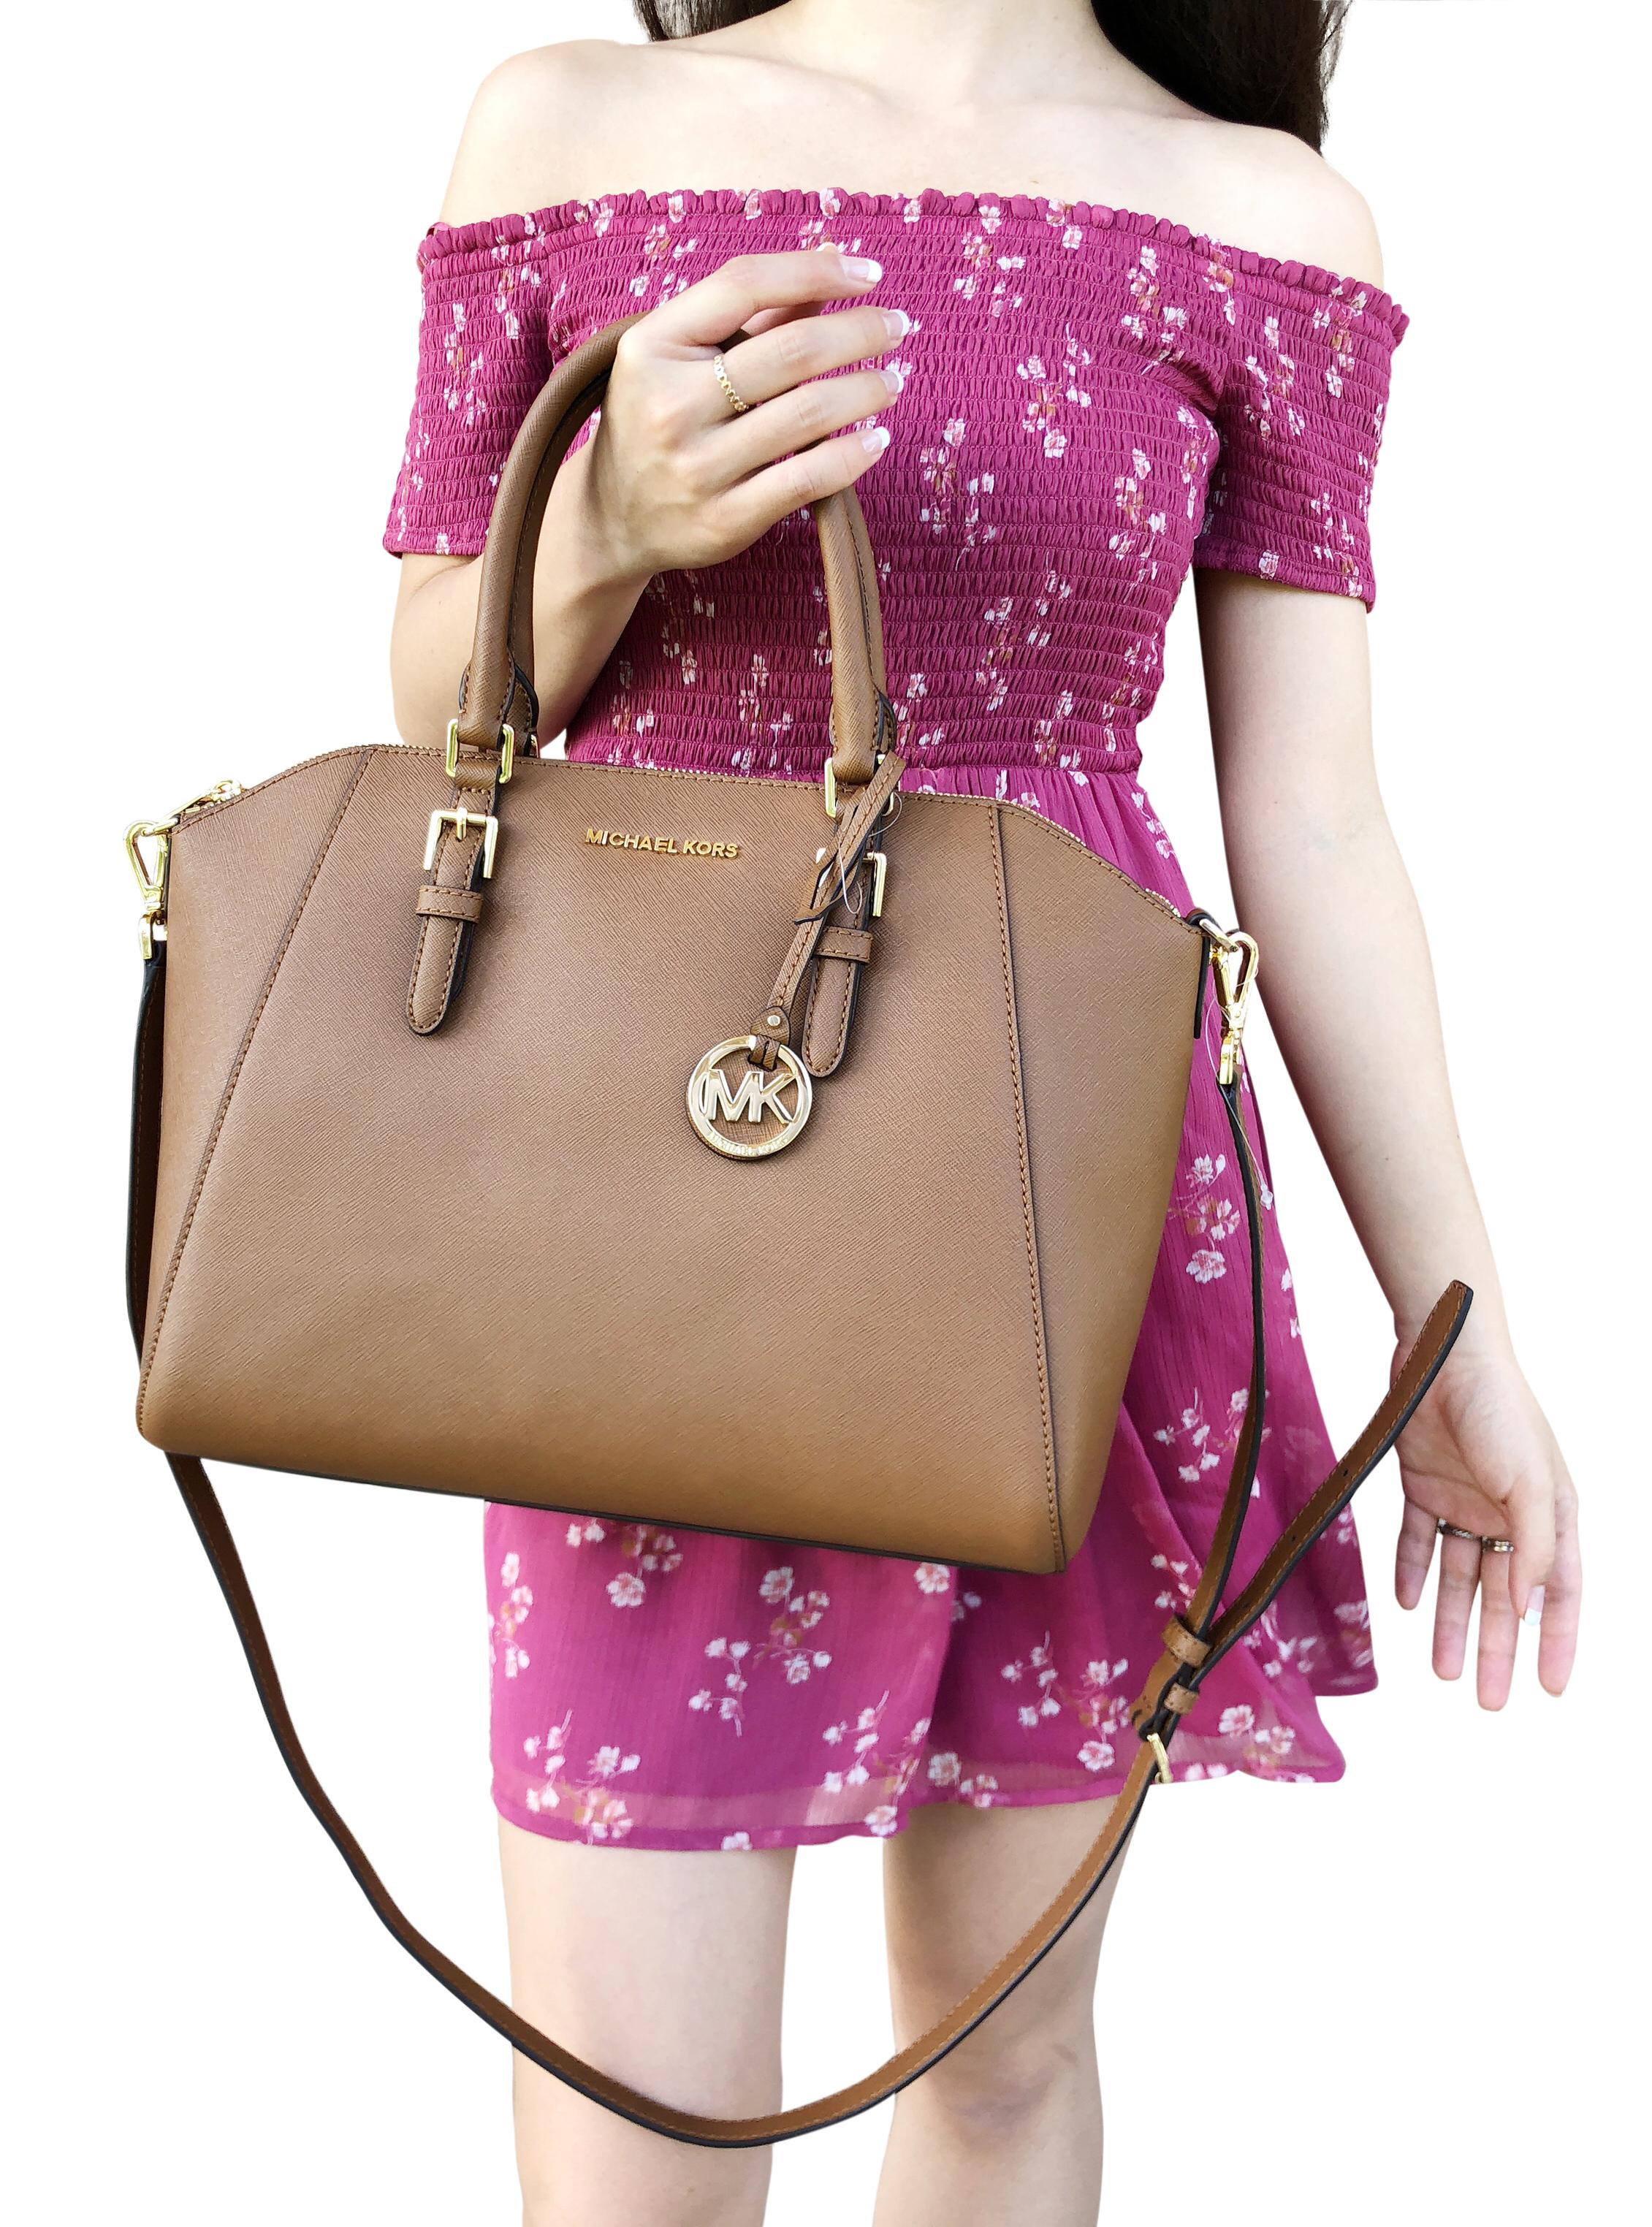 Michael Kors Brown Bag Ebay